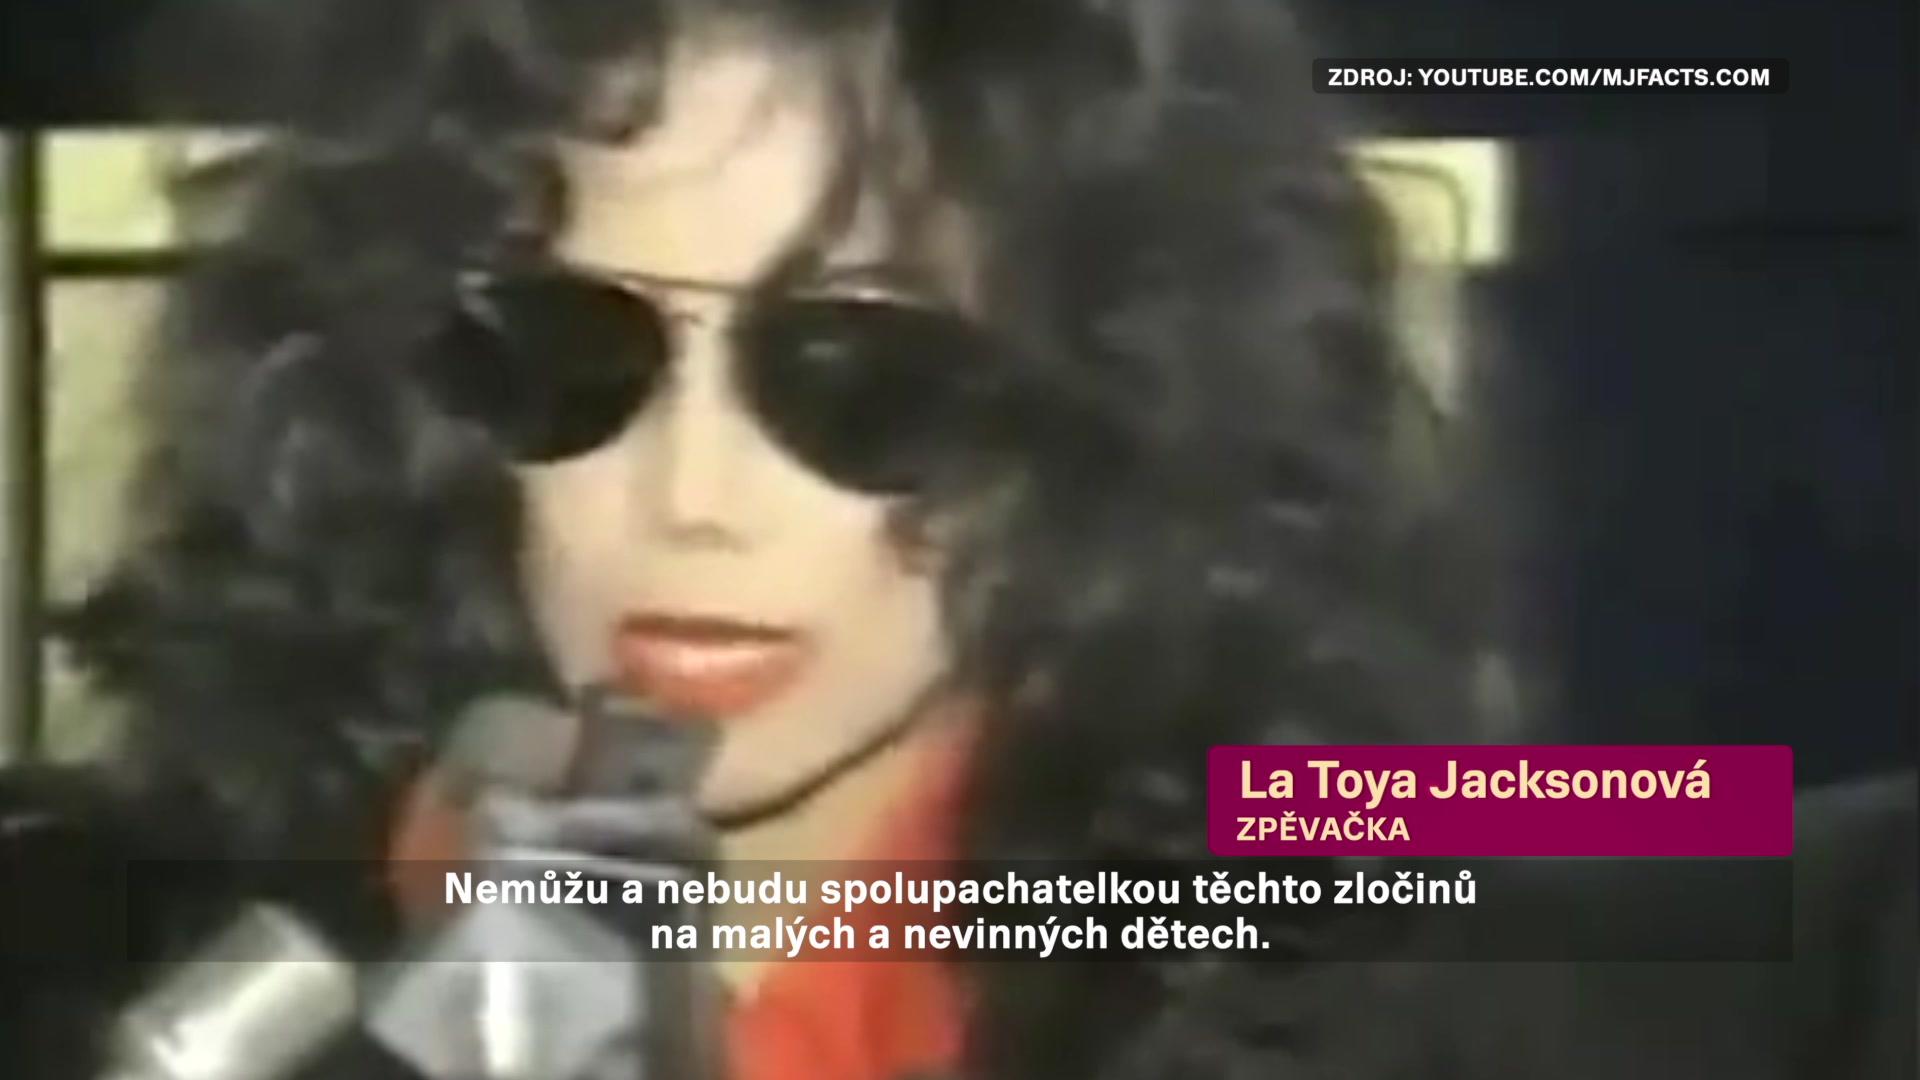 Líbala se s Michaelem Jacksonem (†50) v Praze!